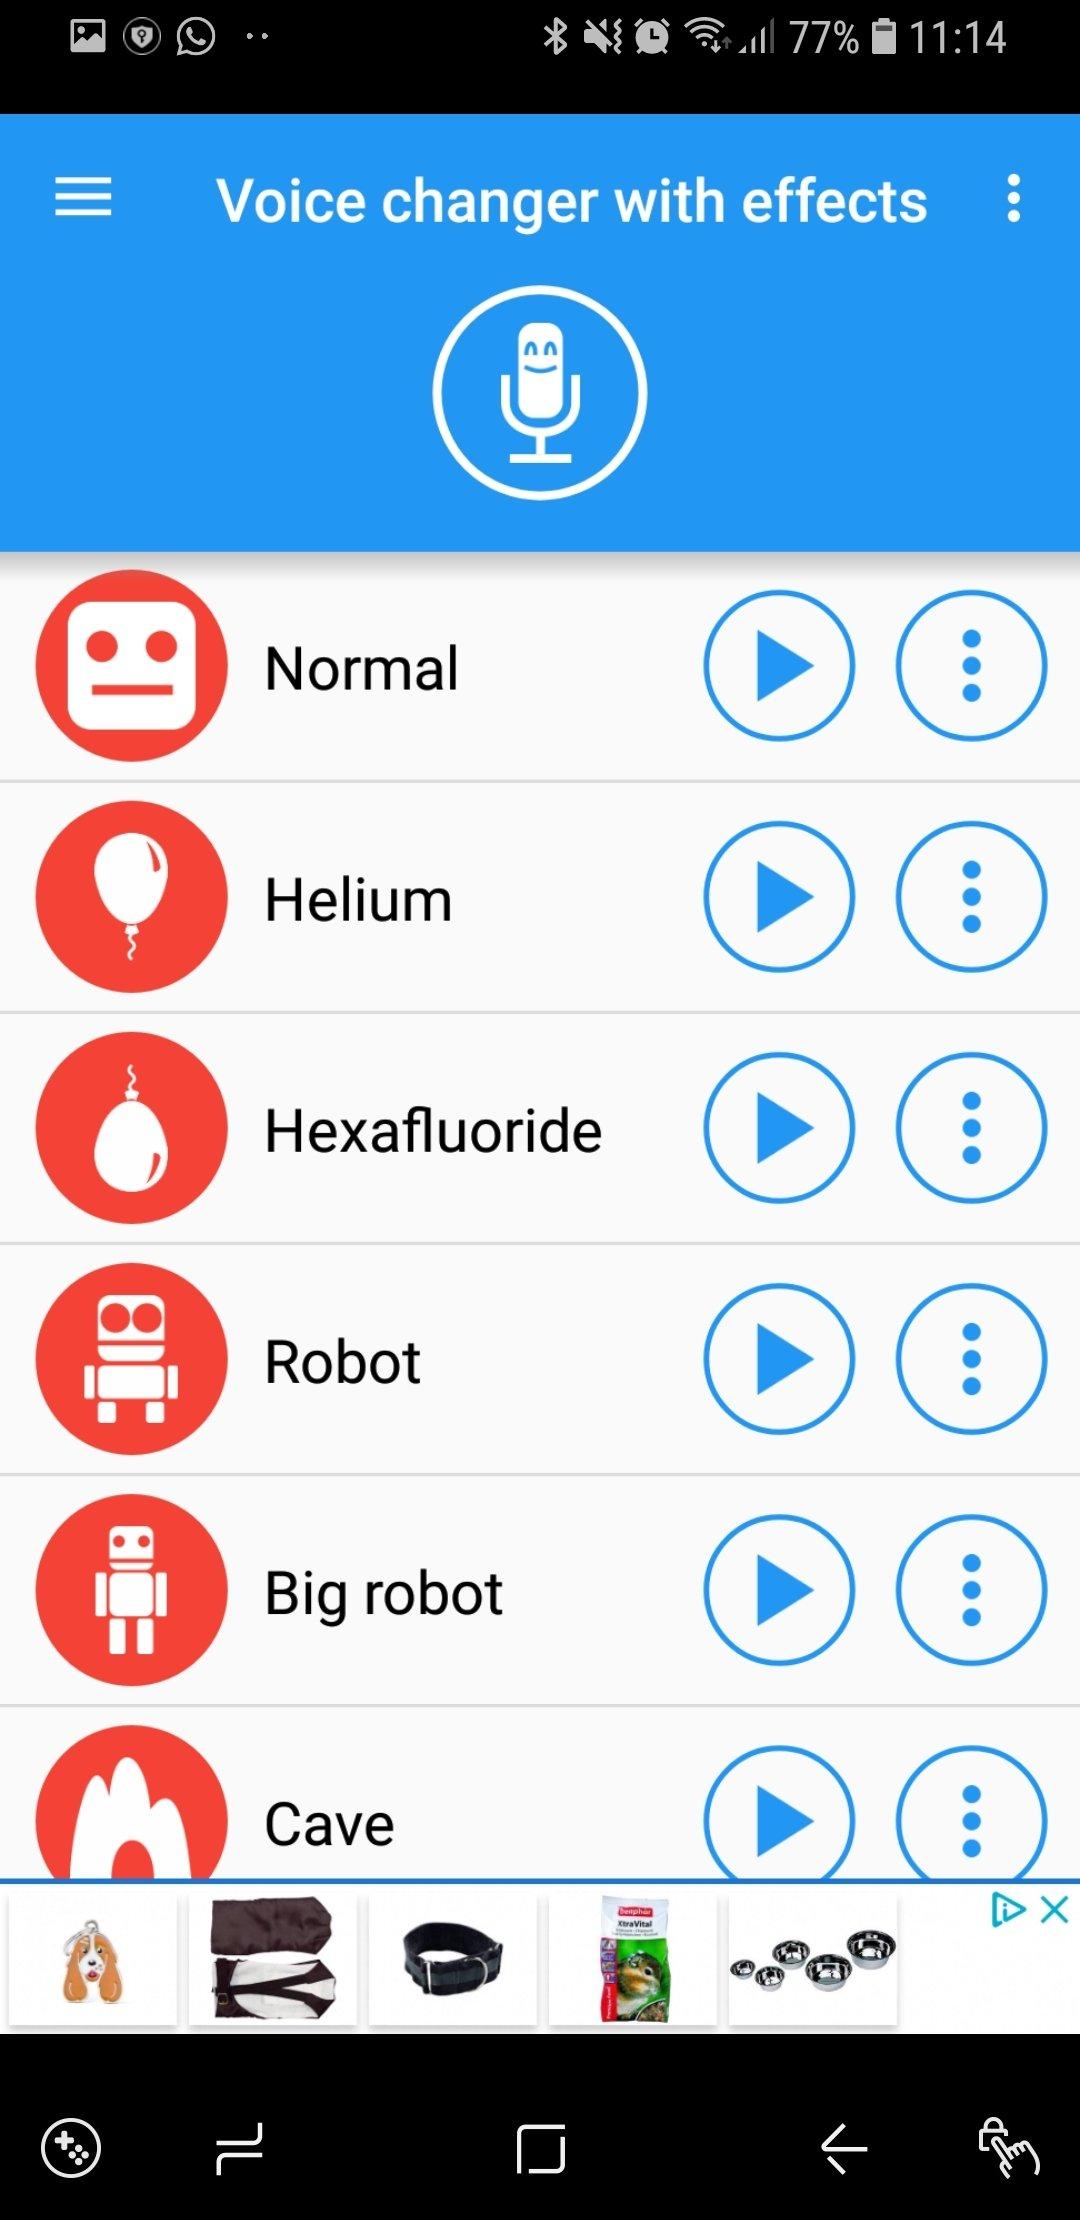 Changeur de voix Android image 5